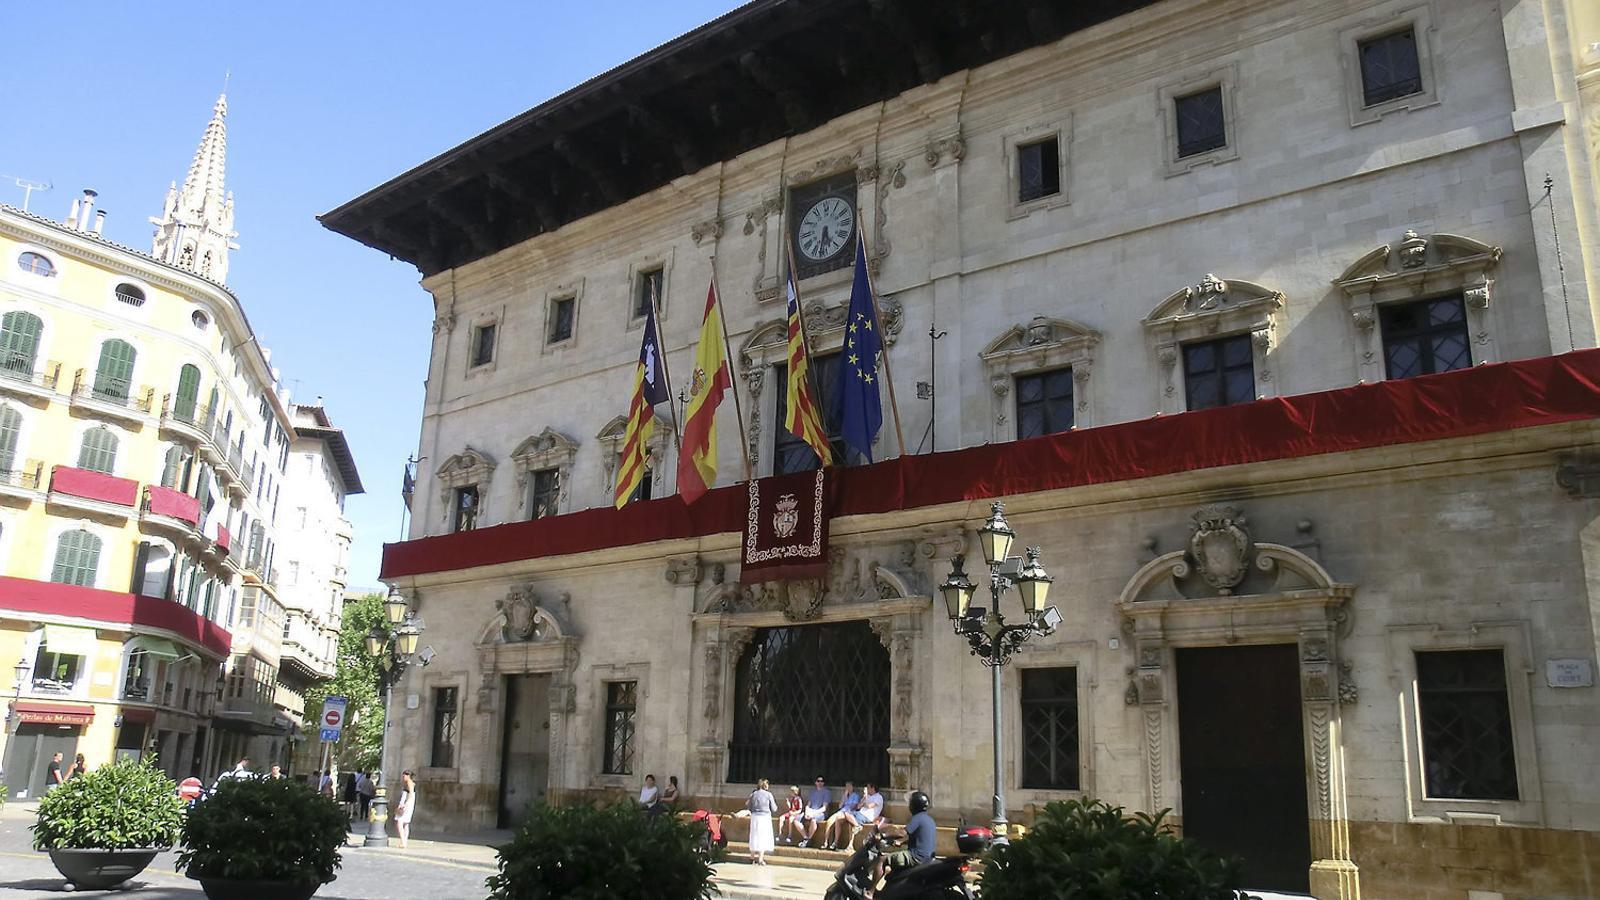 En termes absoluts, els dotze municipis amb més deute està liderat per Palma, amb 317,7 milionsd'euros, seguit de Llucmajor (22,3), Eivissa (21,7), Calvià (21,6)...